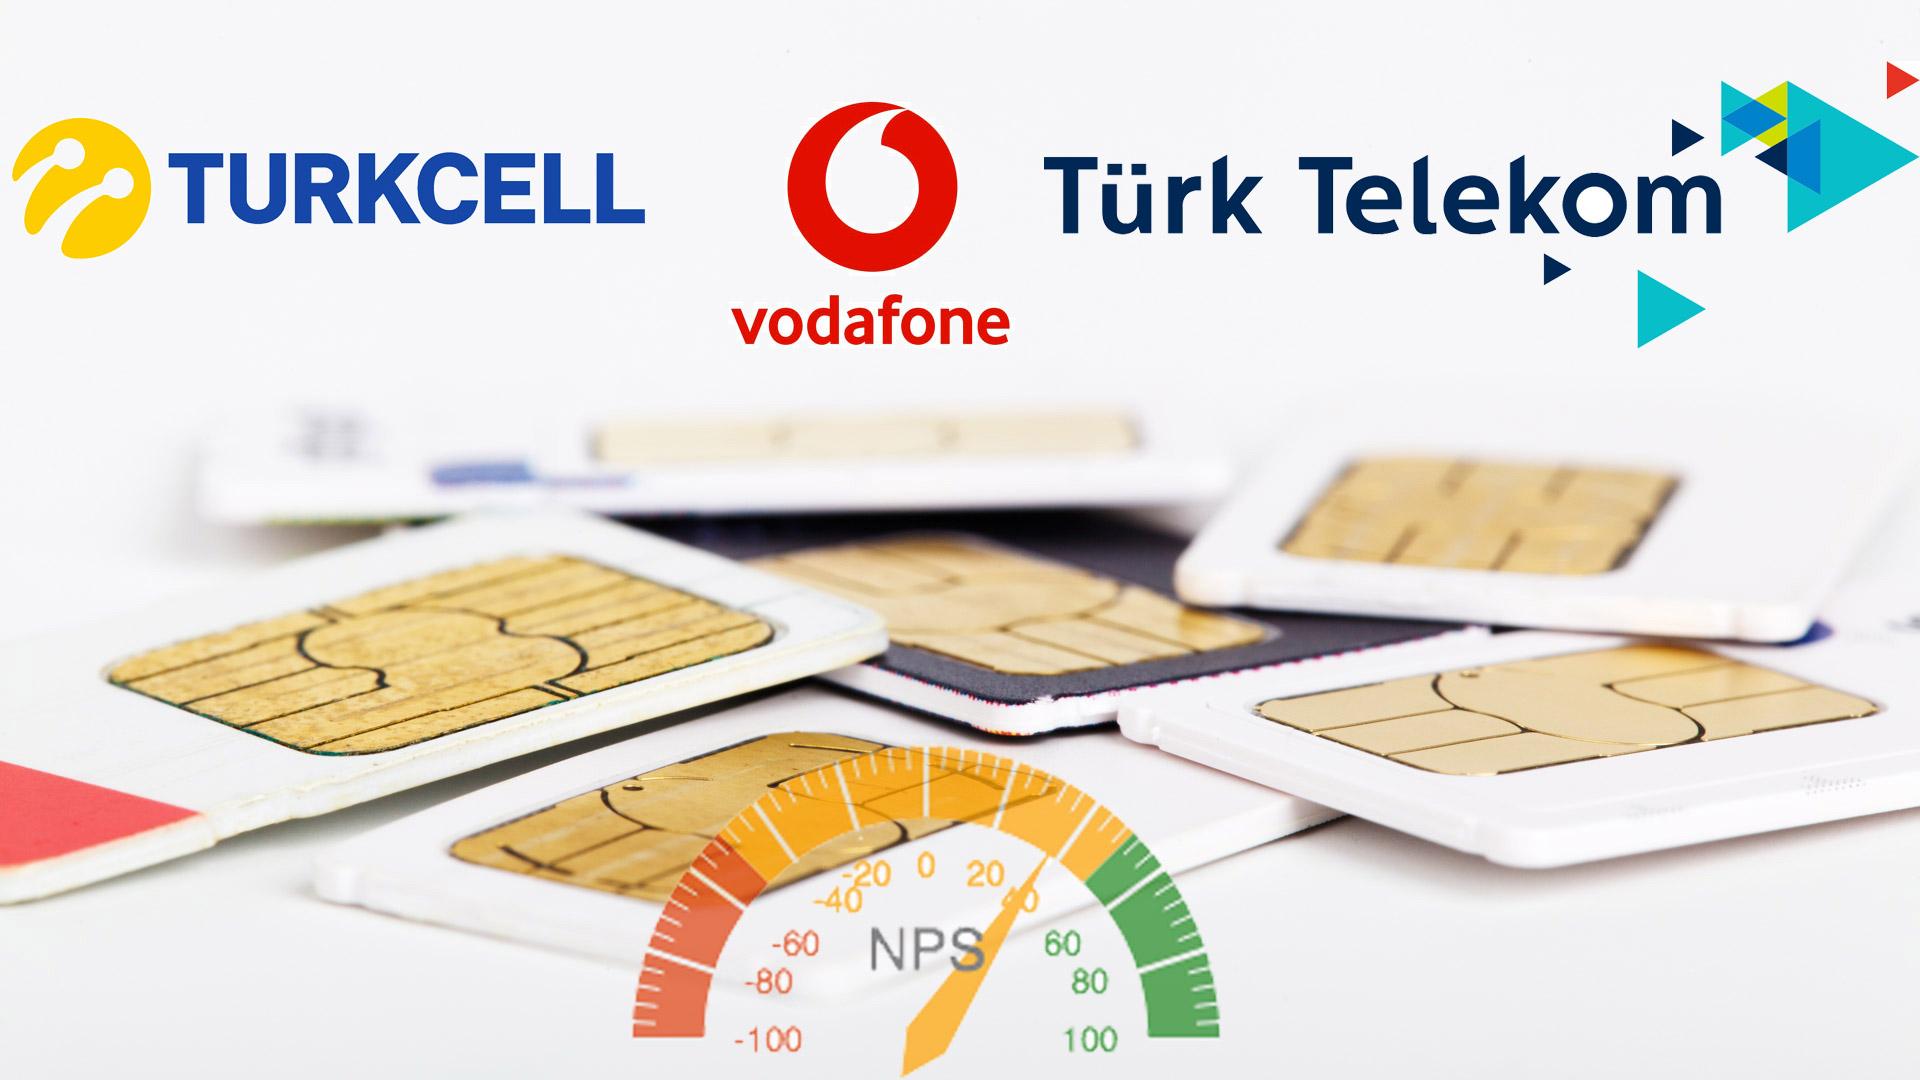 nps-turkcell-vodafone-turk-telekom